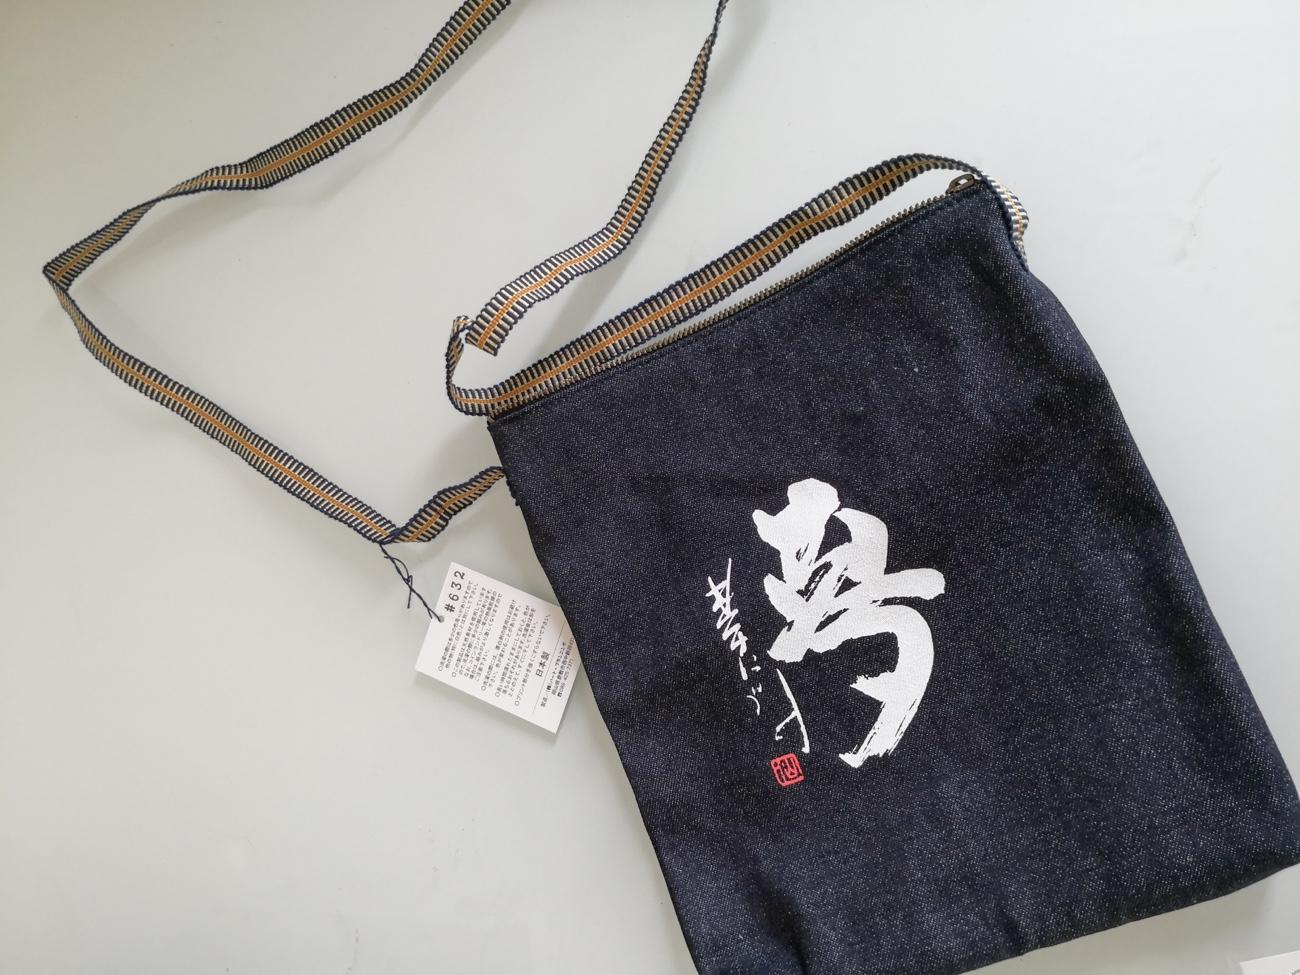 口コミ 野仙一記念館のグッズ デニムポーチお土産